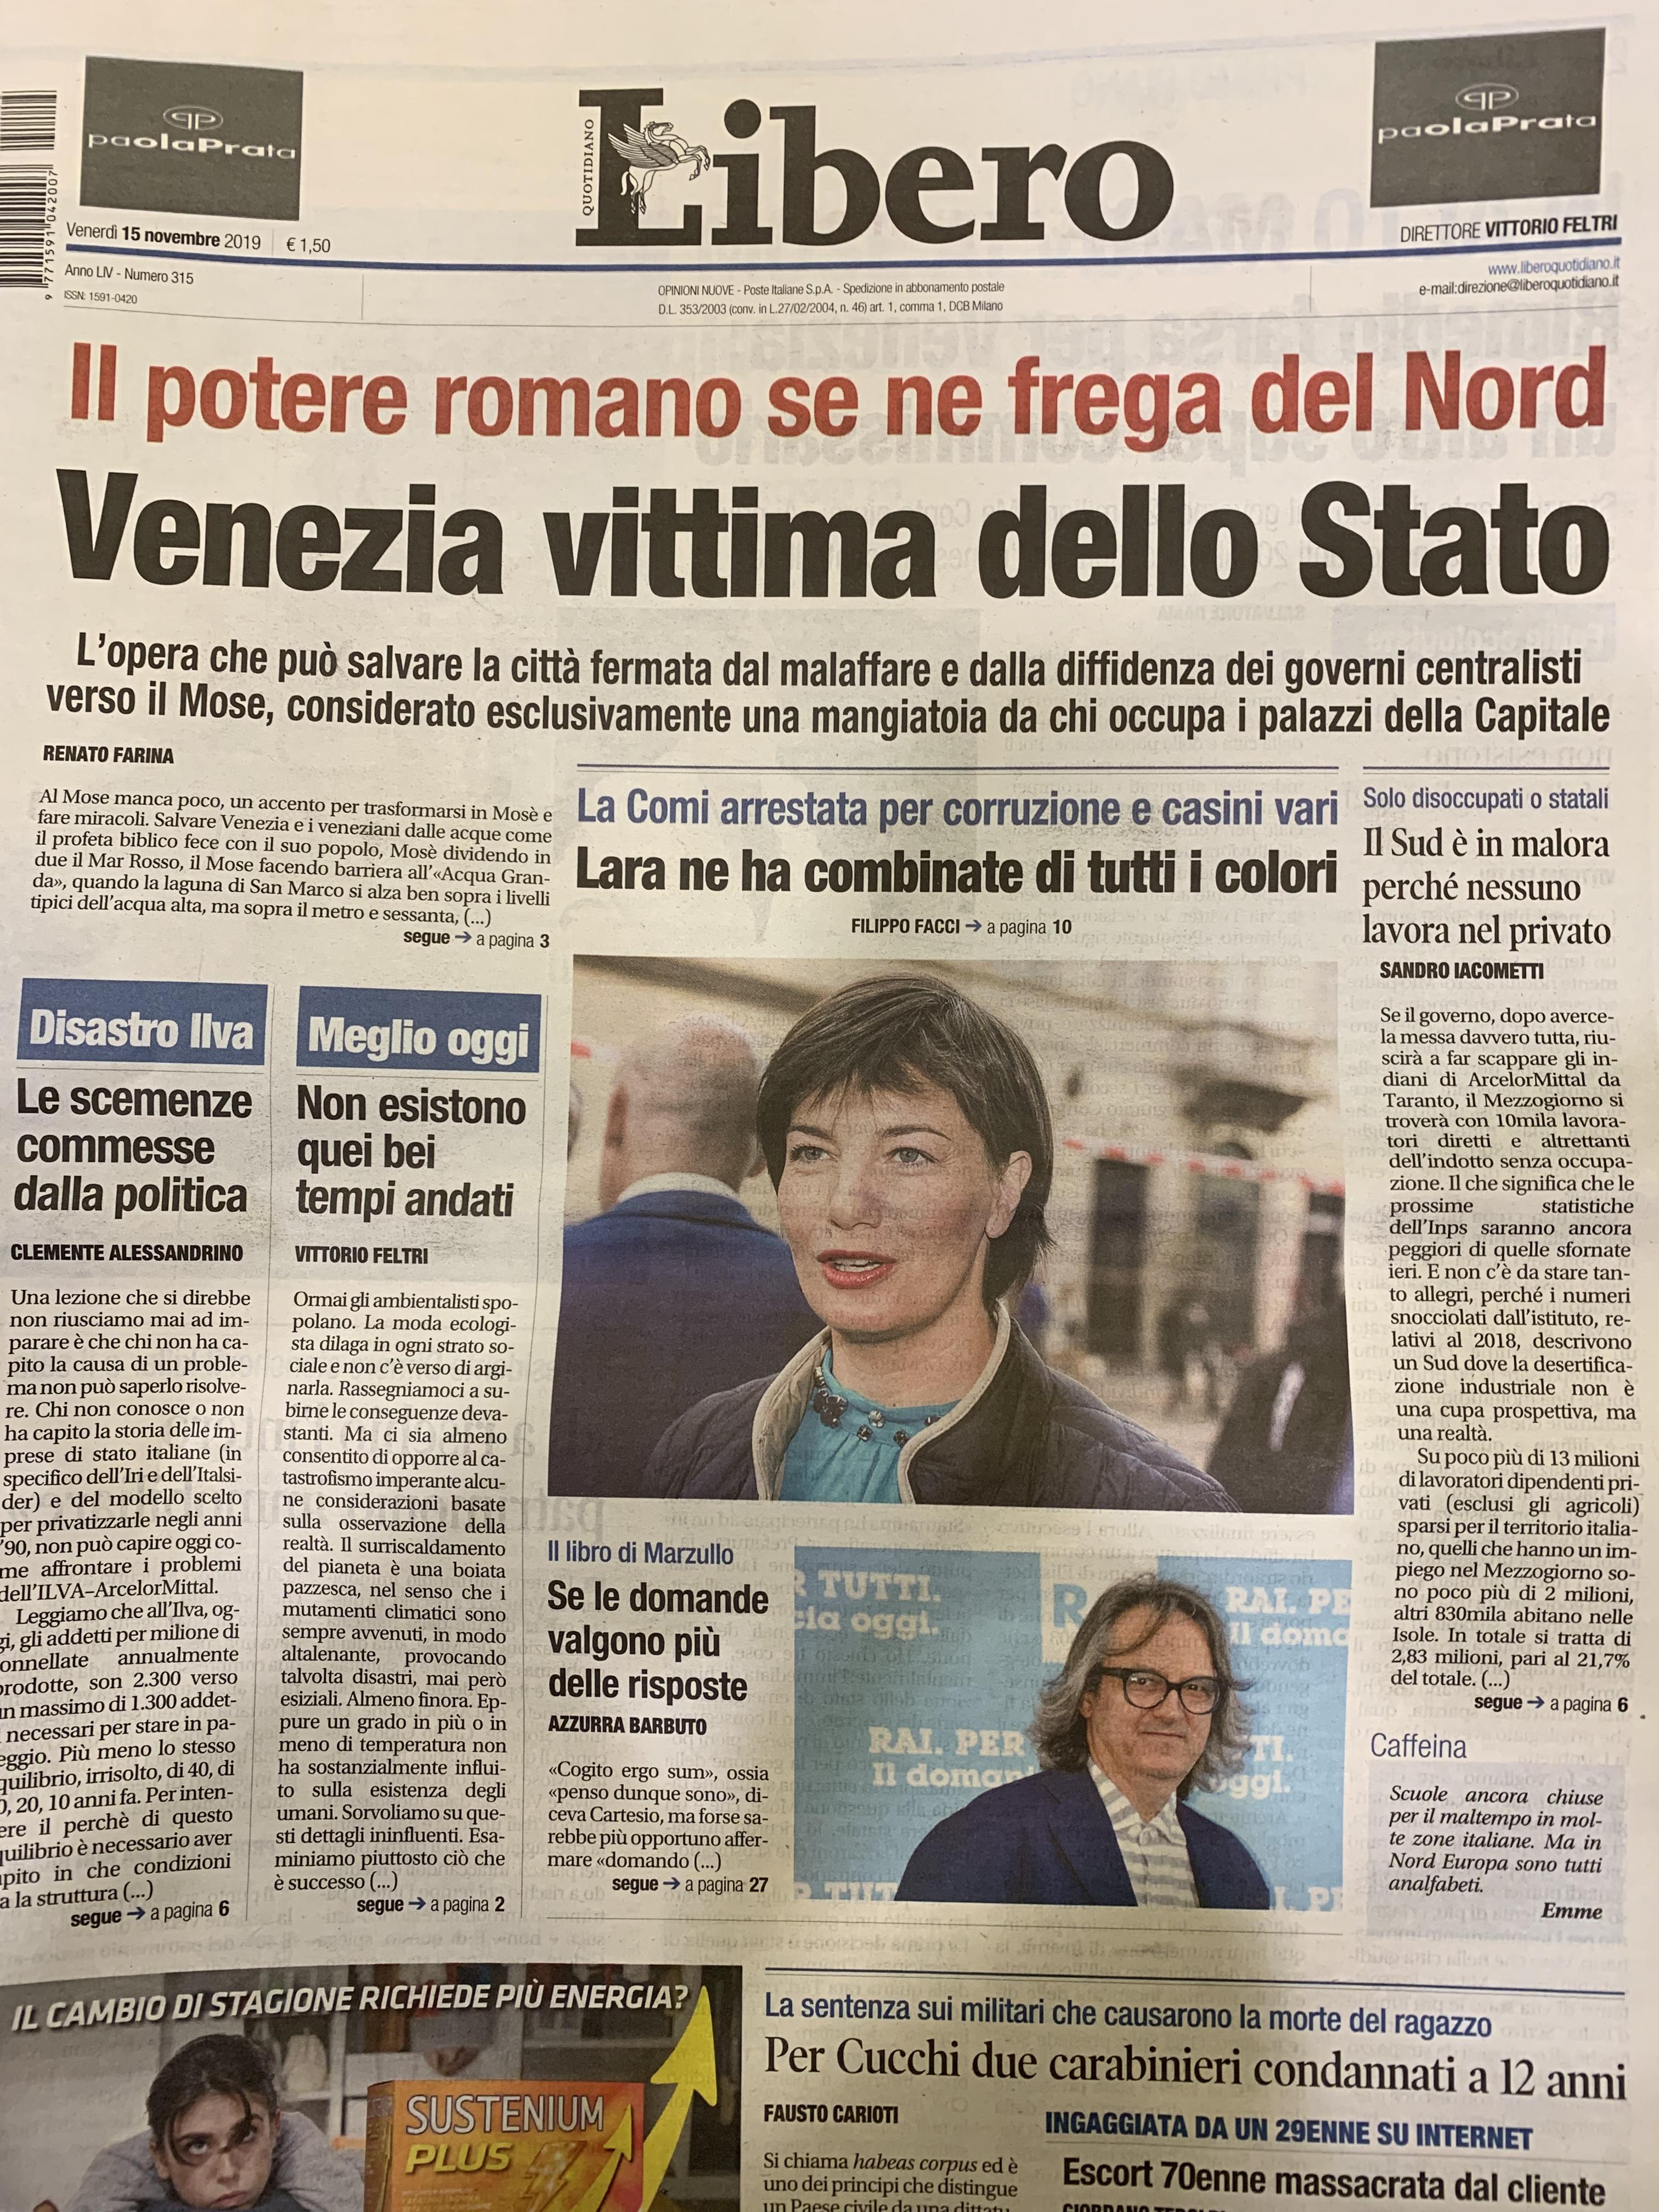 Il potere romano se ne frega del Nord